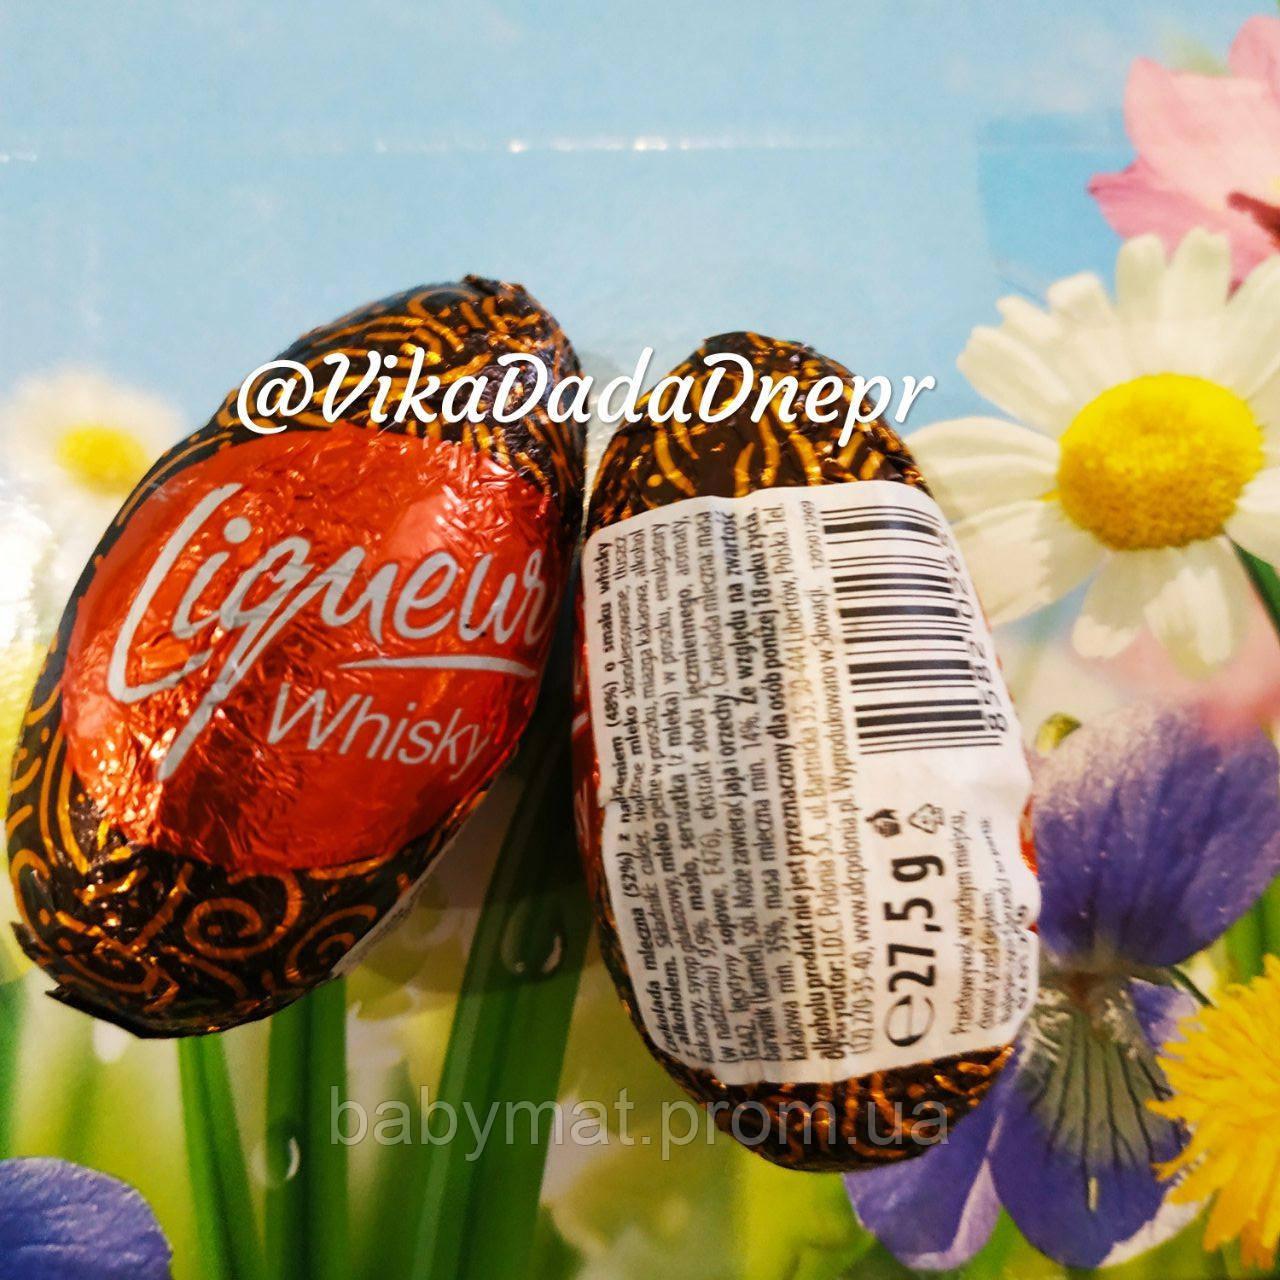 Шоколадные конфеты яйца крашанки Ликёр Виски Liqueur Whisky